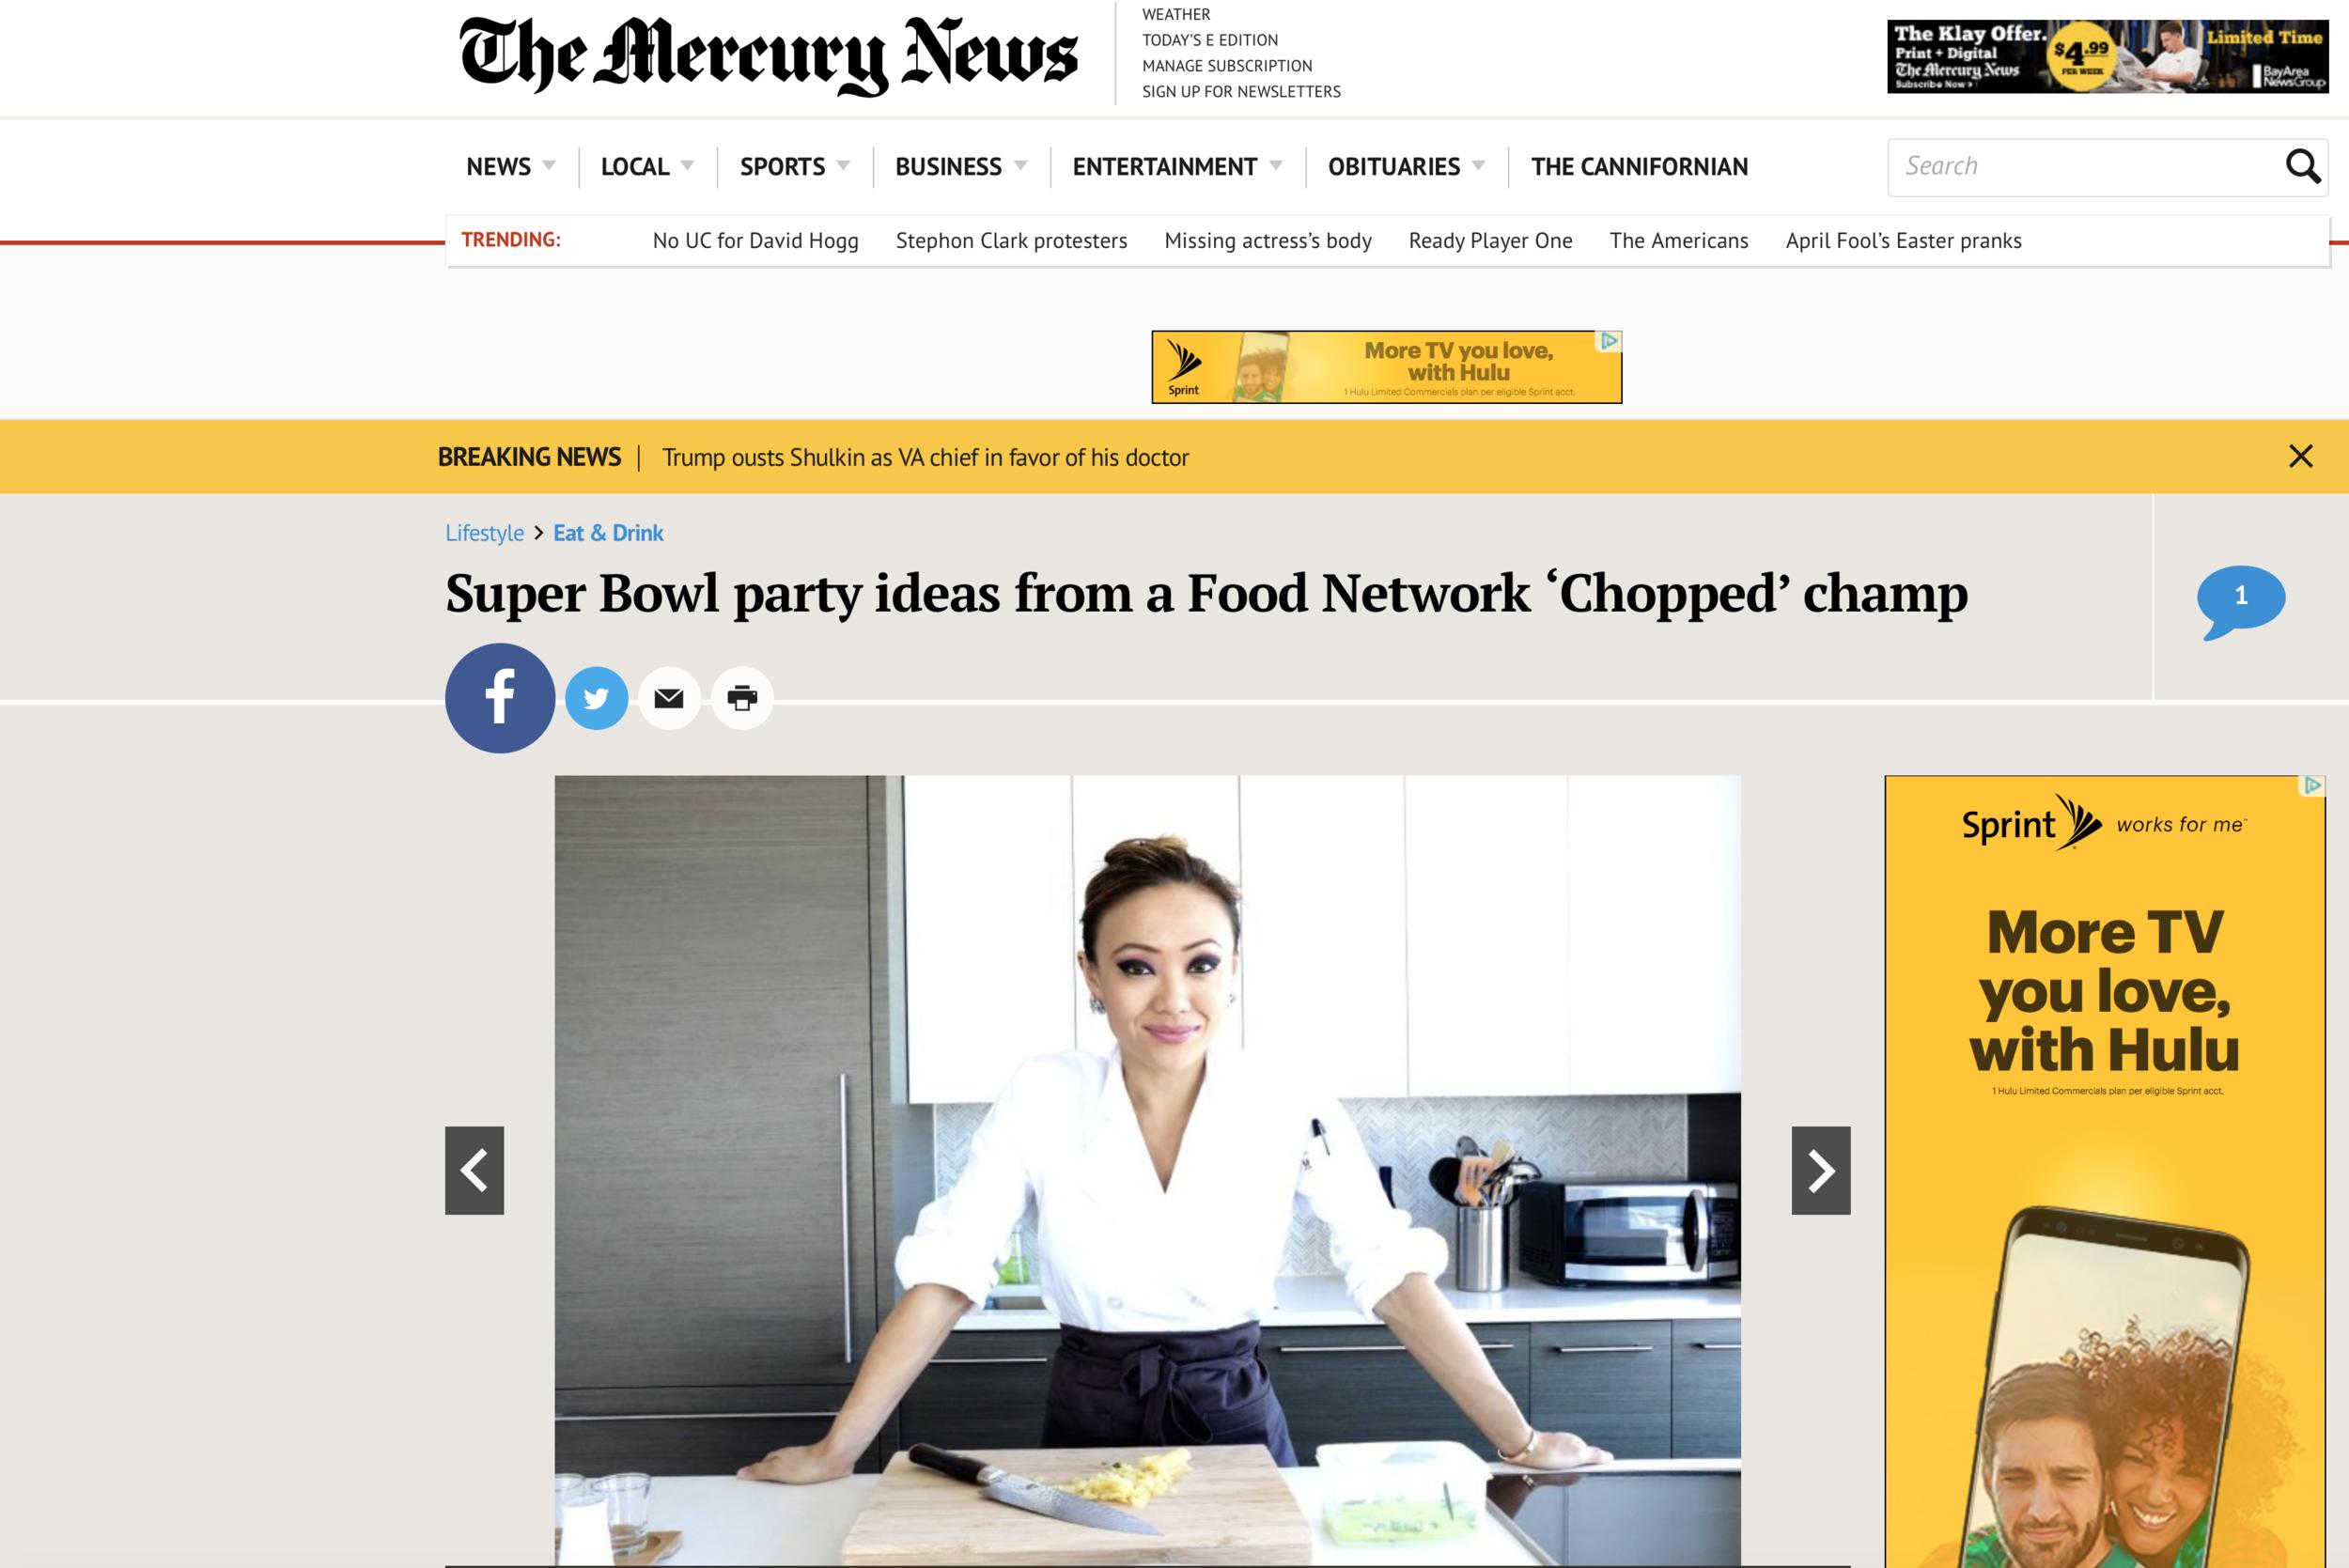 super bowl mercury news.png